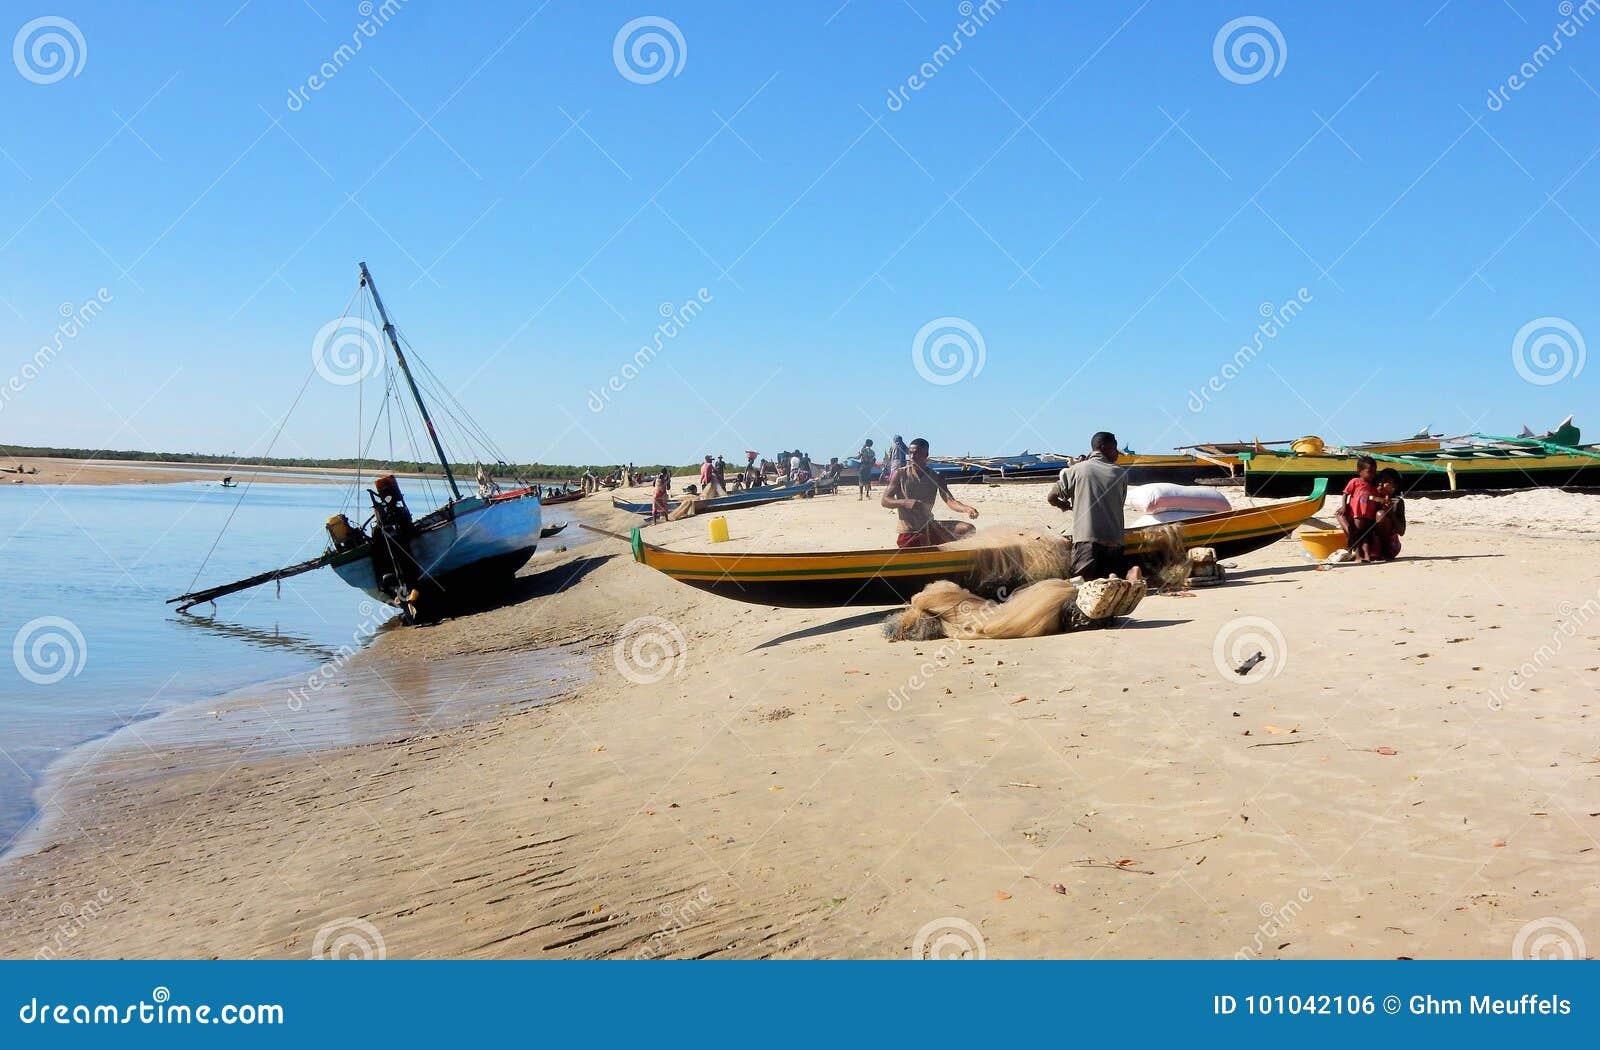 Canoës malgaches sur la plage avec les pêcheurs travaillants